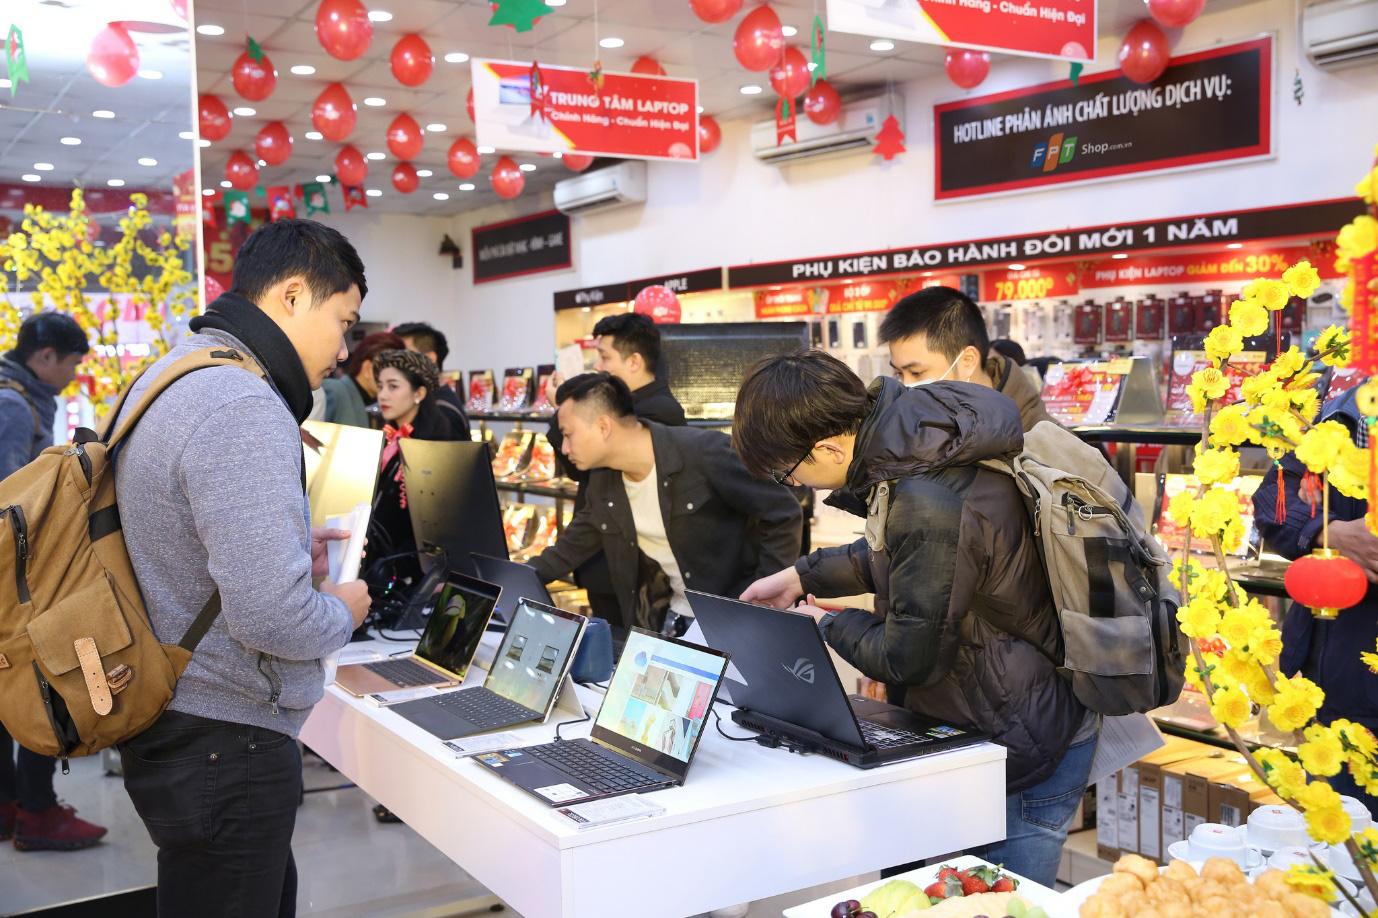 FPT Shop giảm thêm 10% cho hàng loạt laptop, tốc độ tăng trưởng hàng đầu thị trường - Ảnh 2.